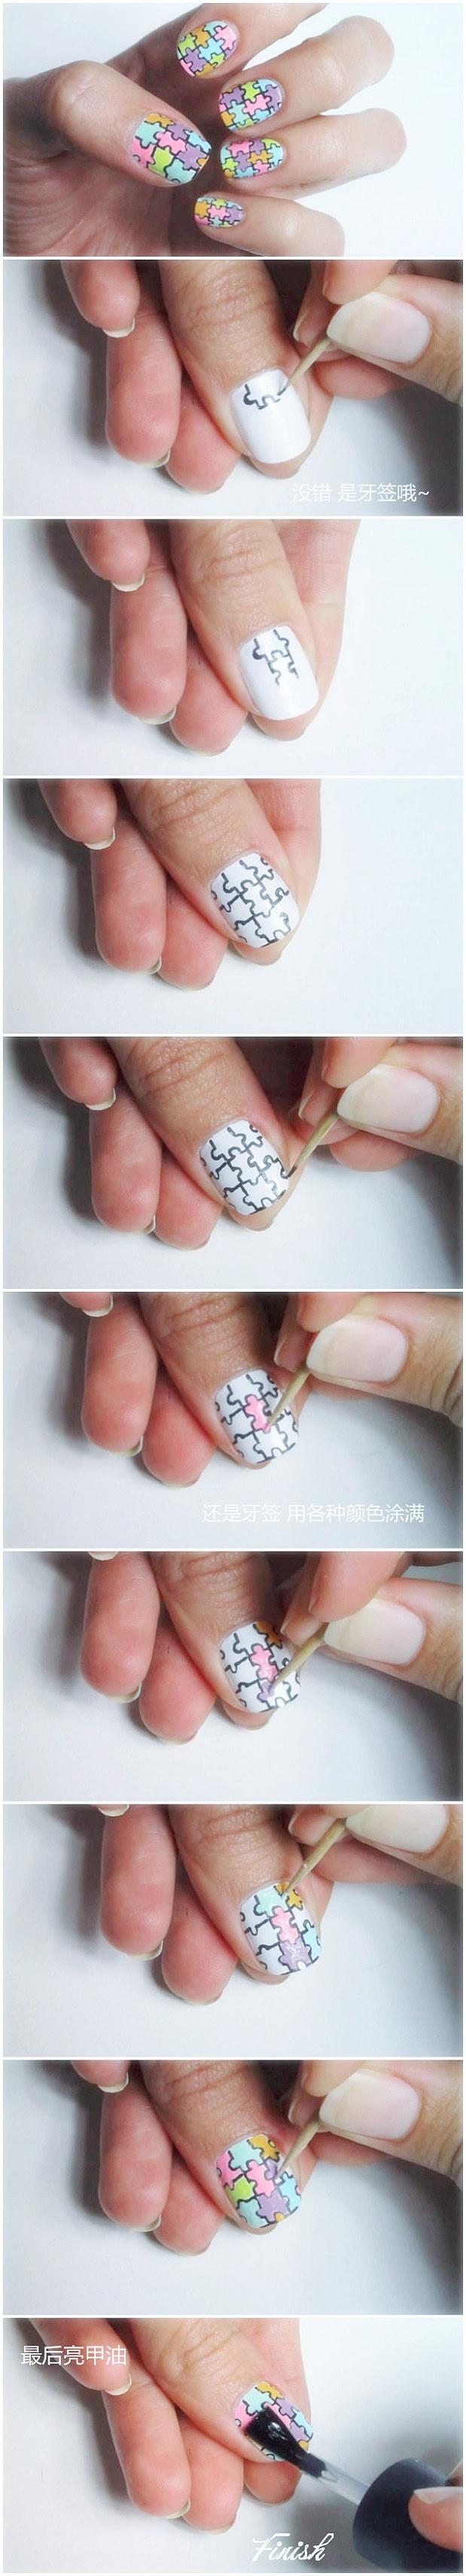 DIY Nails (13)